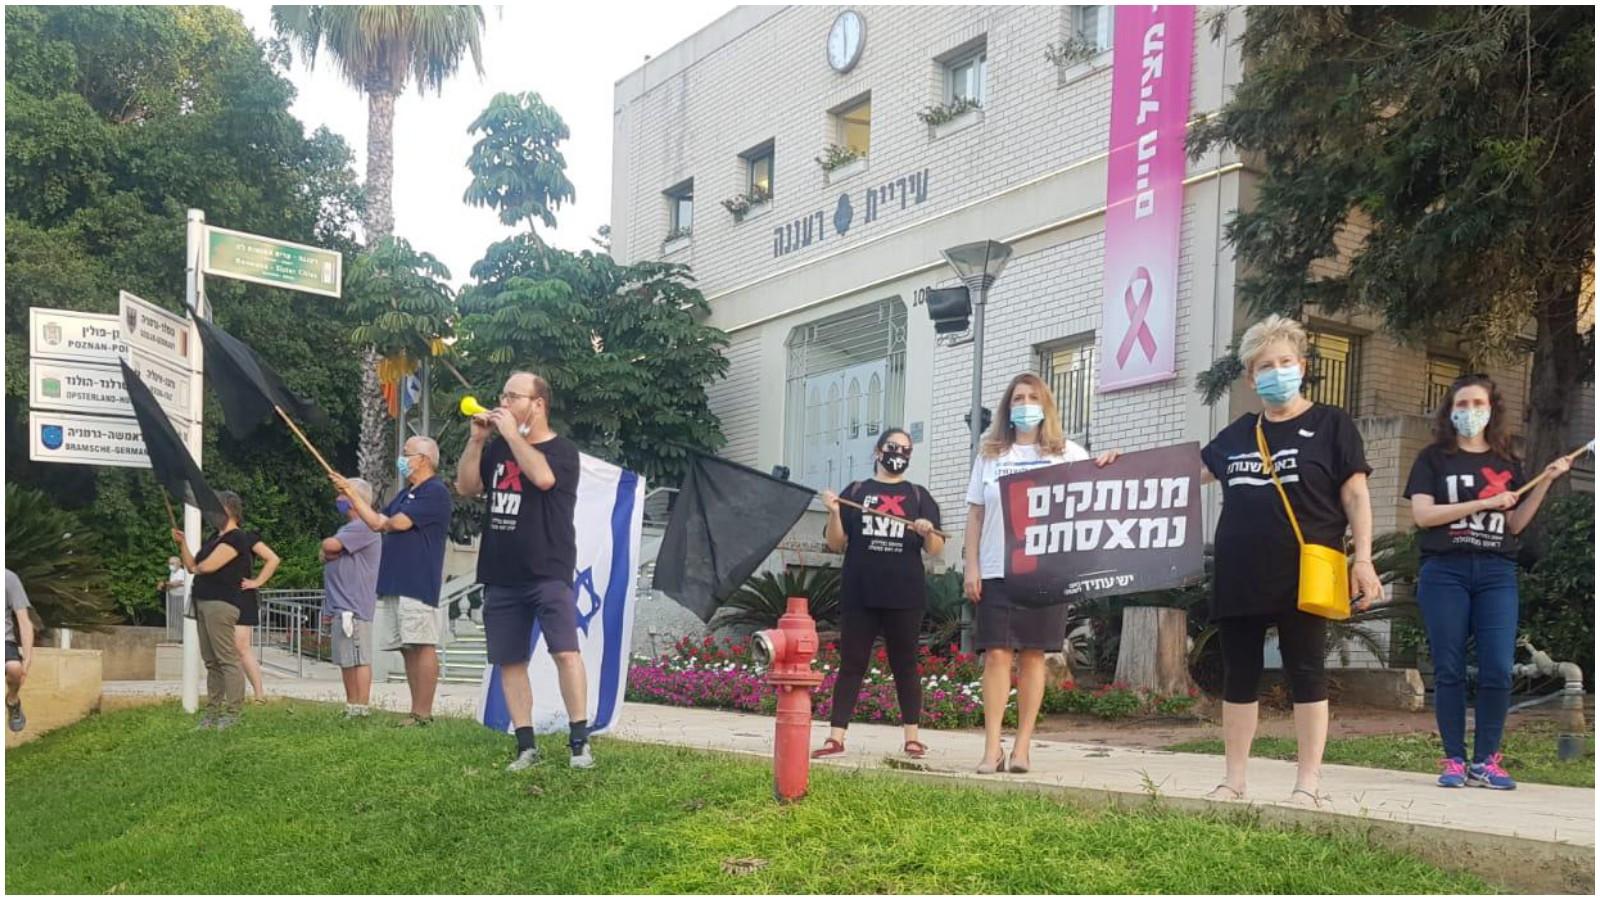 הפגנות מחאה ברעננה. צילום פרטי